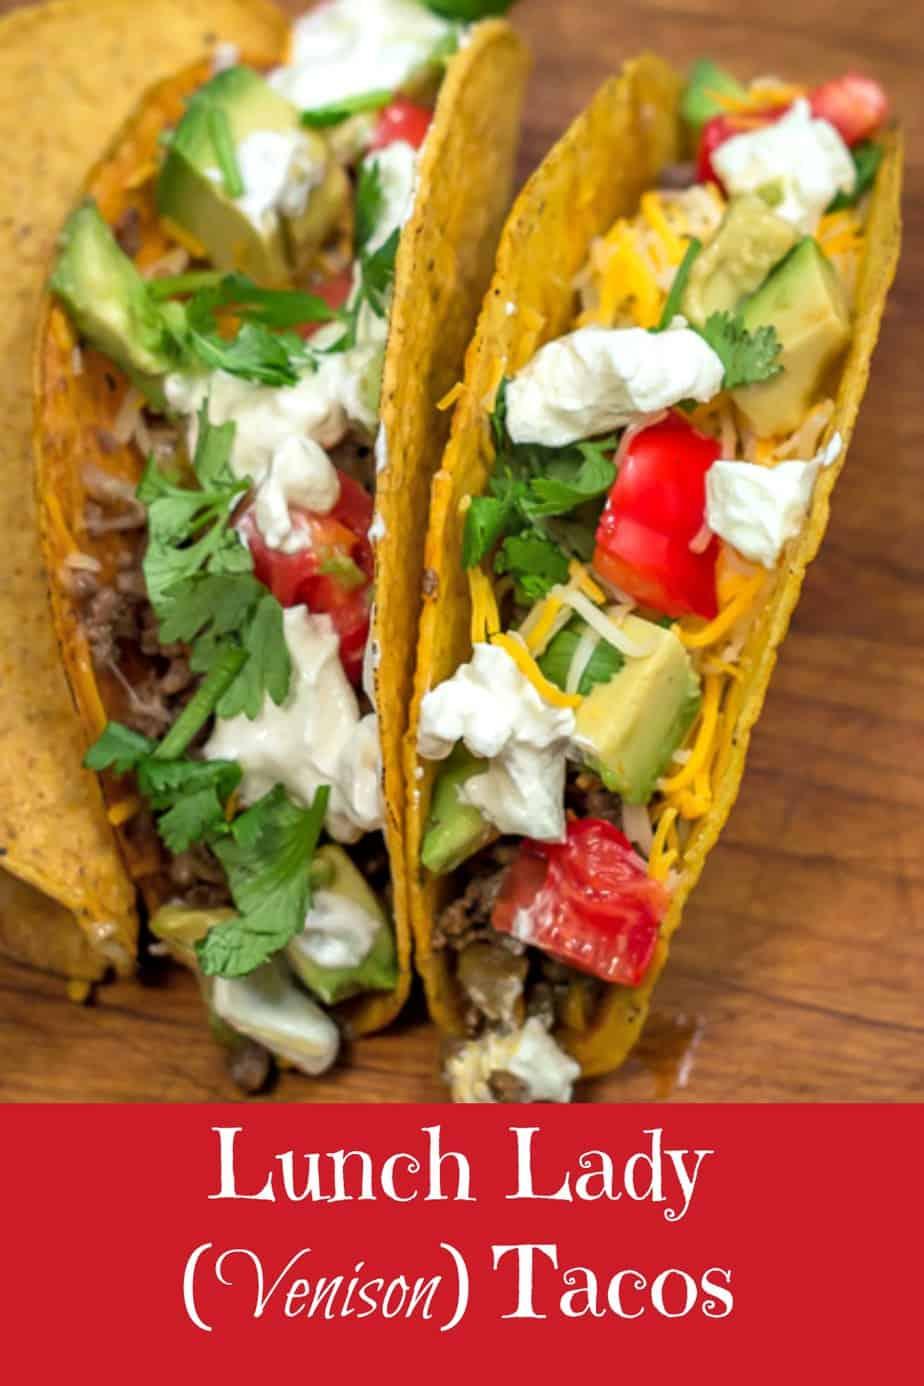 Lunch Lady Venison Tacos